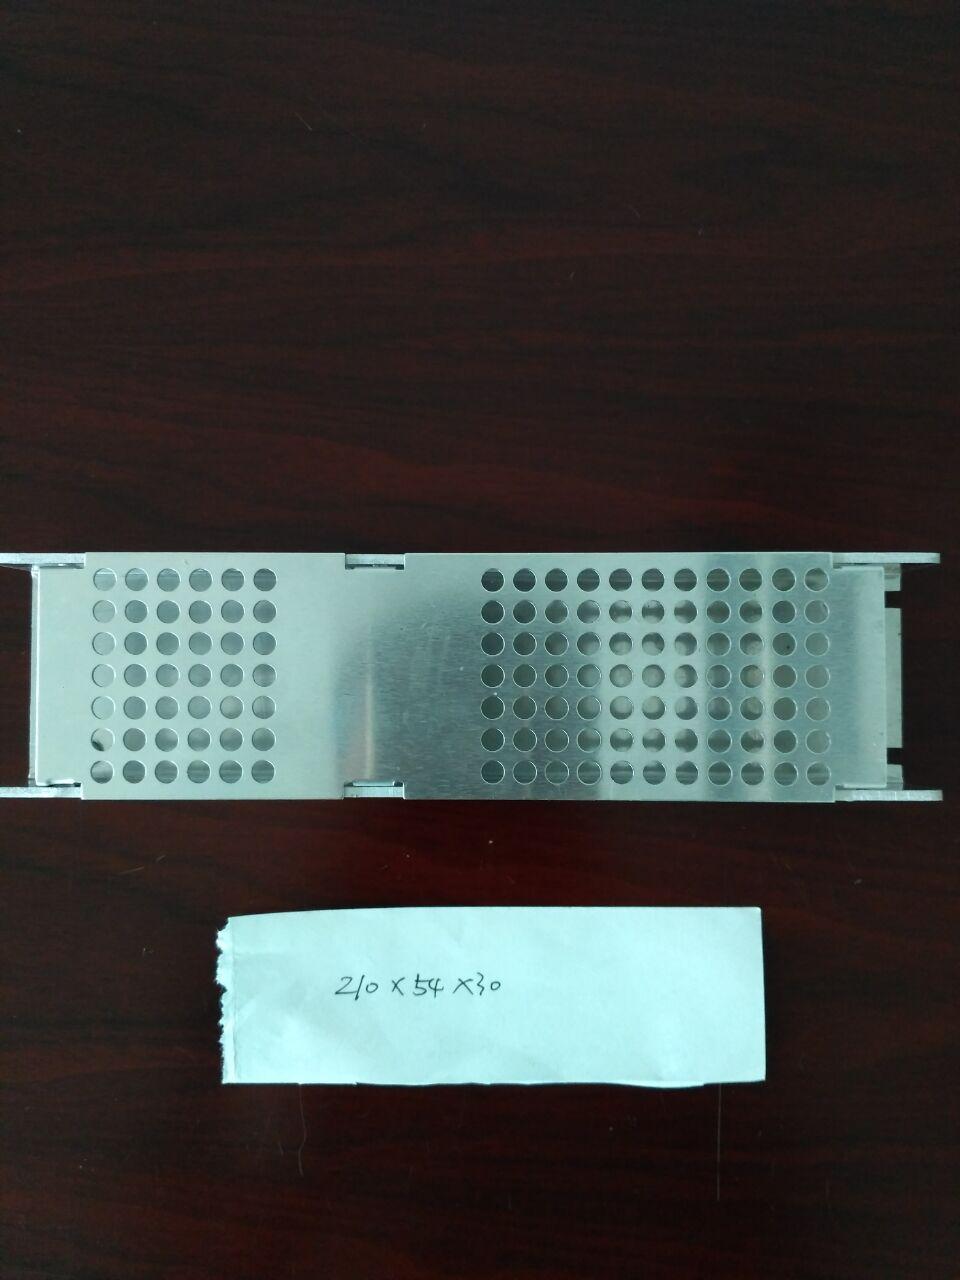 澳门LED电源壳,专业的LED电源壳供应LED电源壳价格LED电源壳厂家